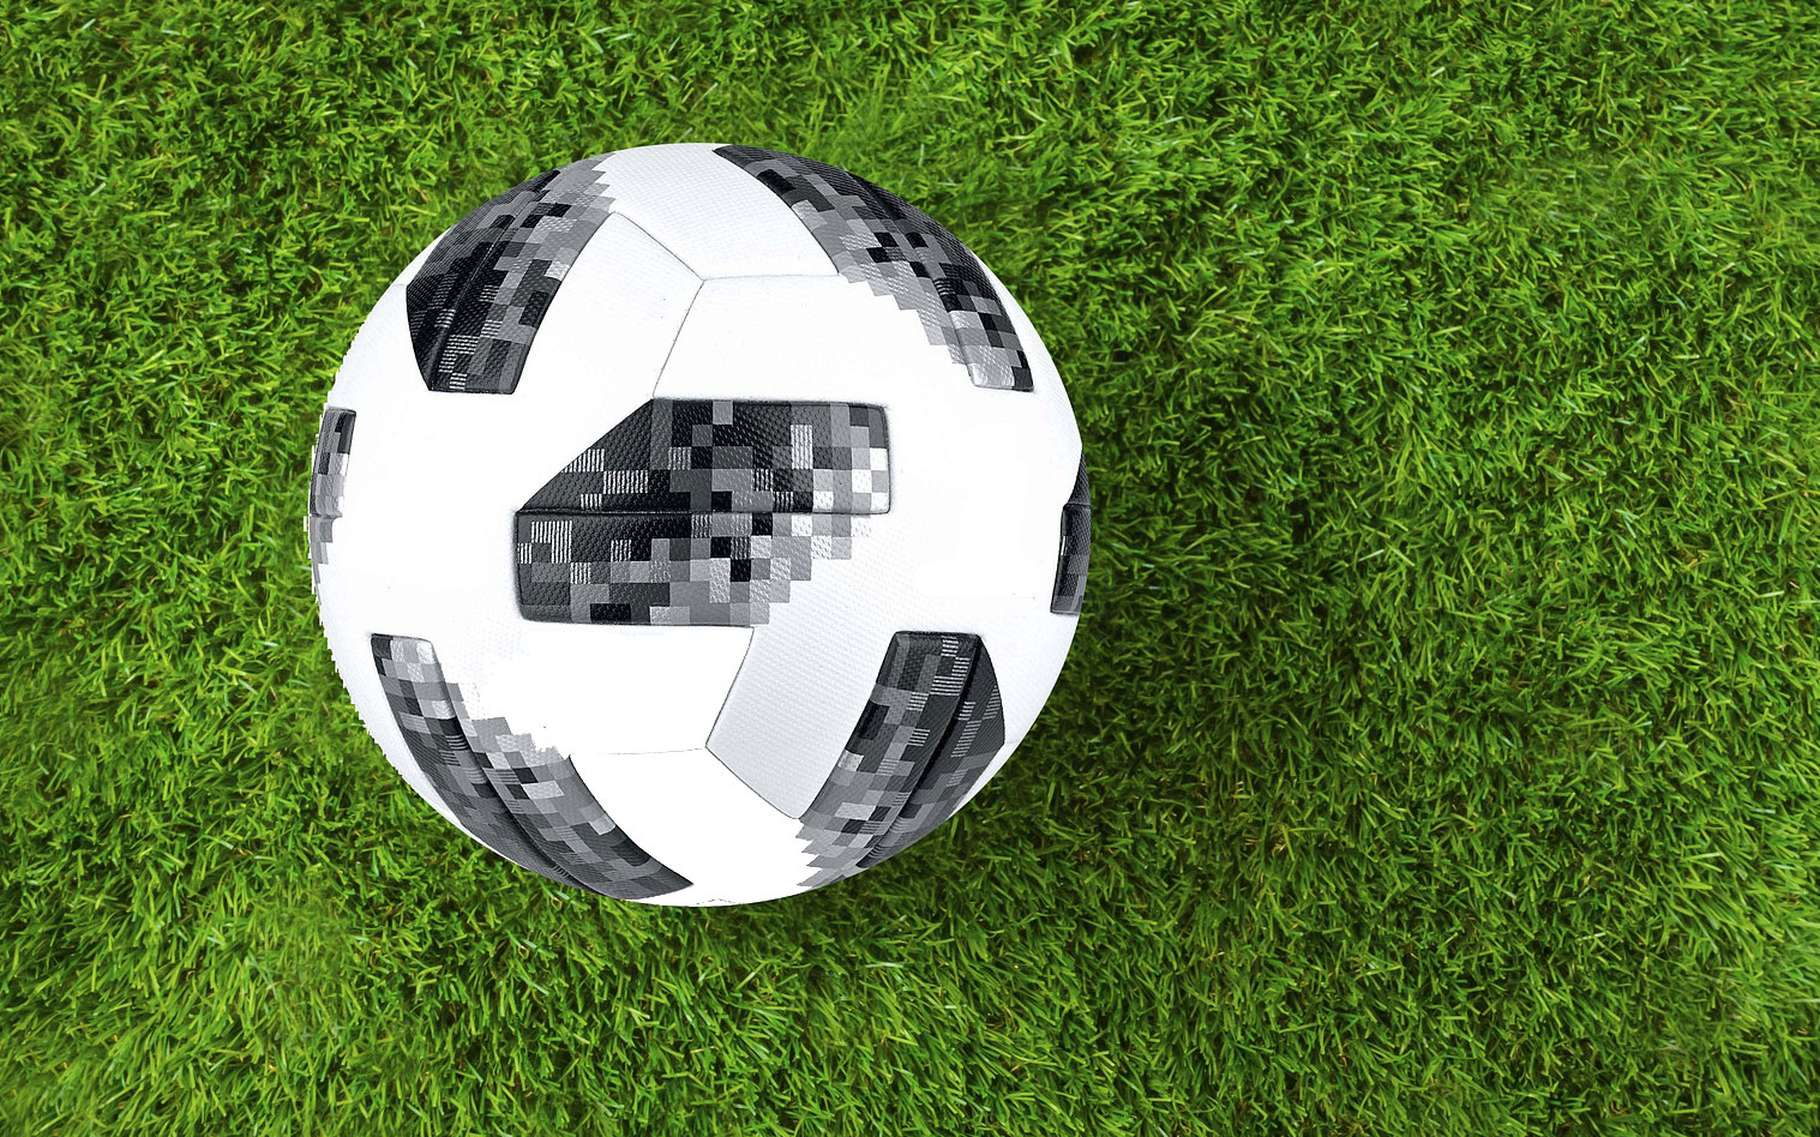 Comment expliquer les trajectoires courbes des ballons de foot ? Les secrets mathématiques du football © Stux, Pixabay, DP